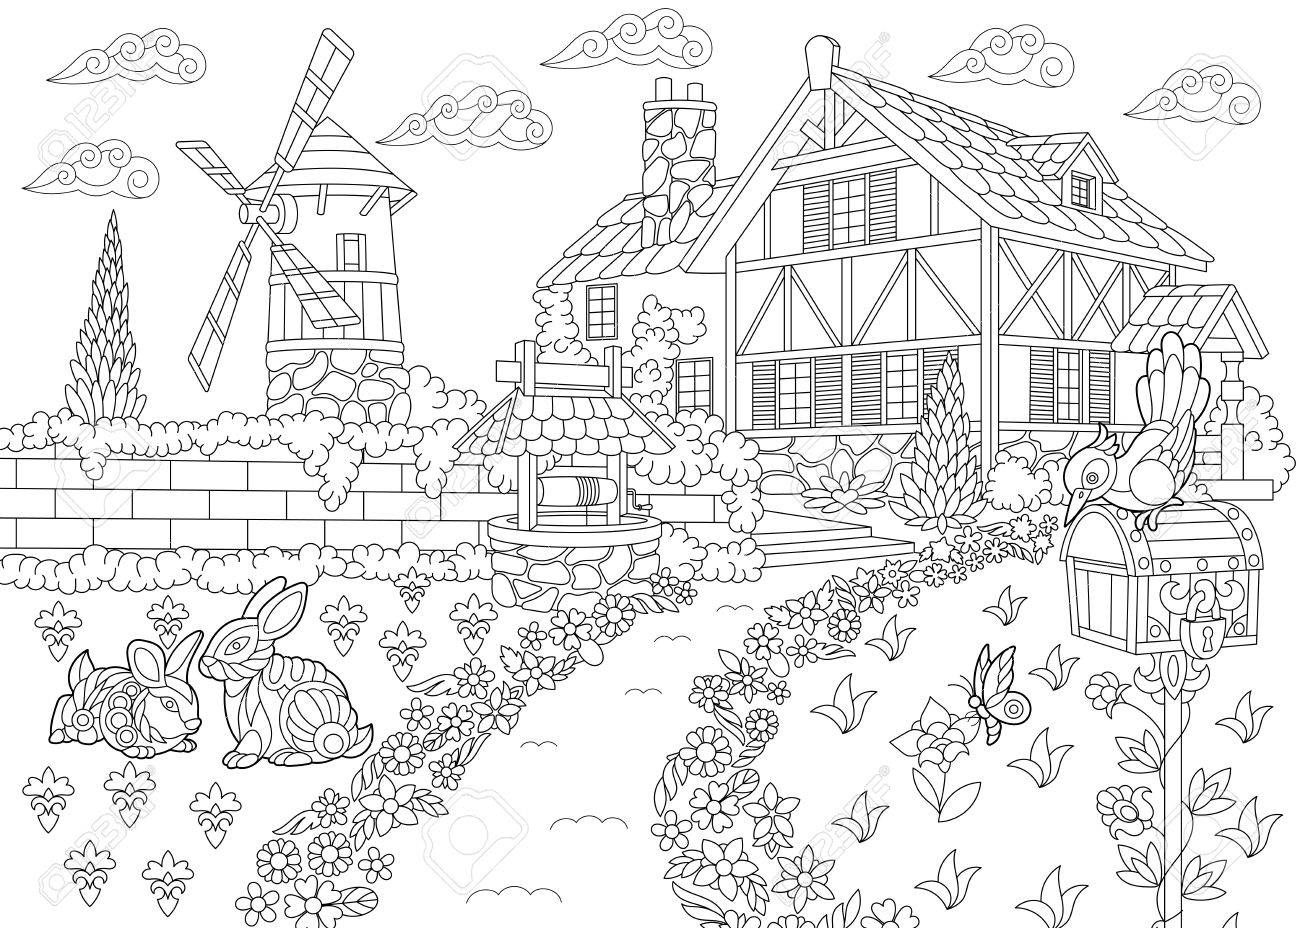 Coloriage Adulte Ferme.Coloriage Du Paysage Rural Ferme Moulin A Vent Puits D Eau Boite